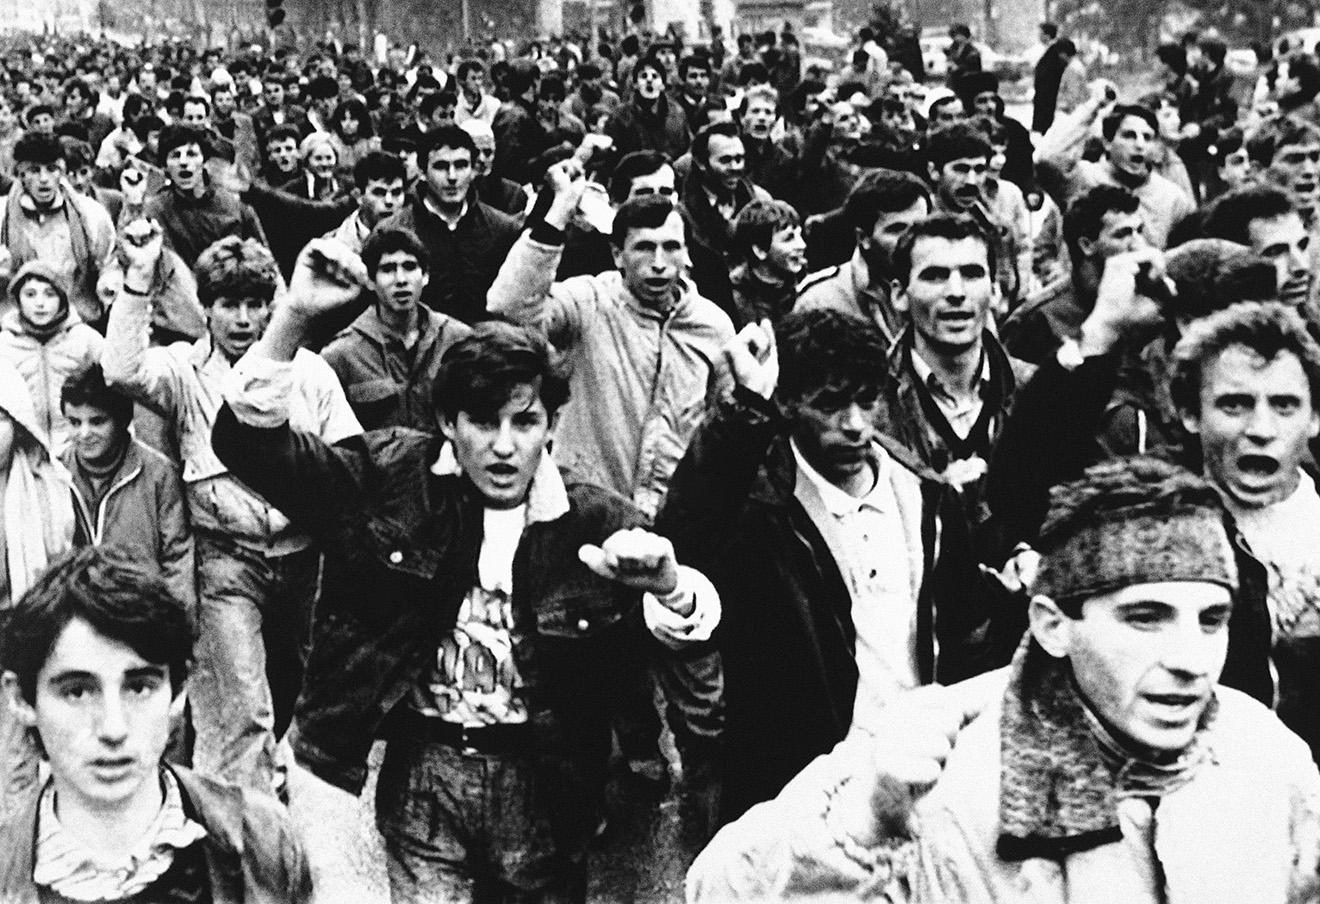 Этнические албанцы протестуют против сербского давления, 19 ноября 1988.